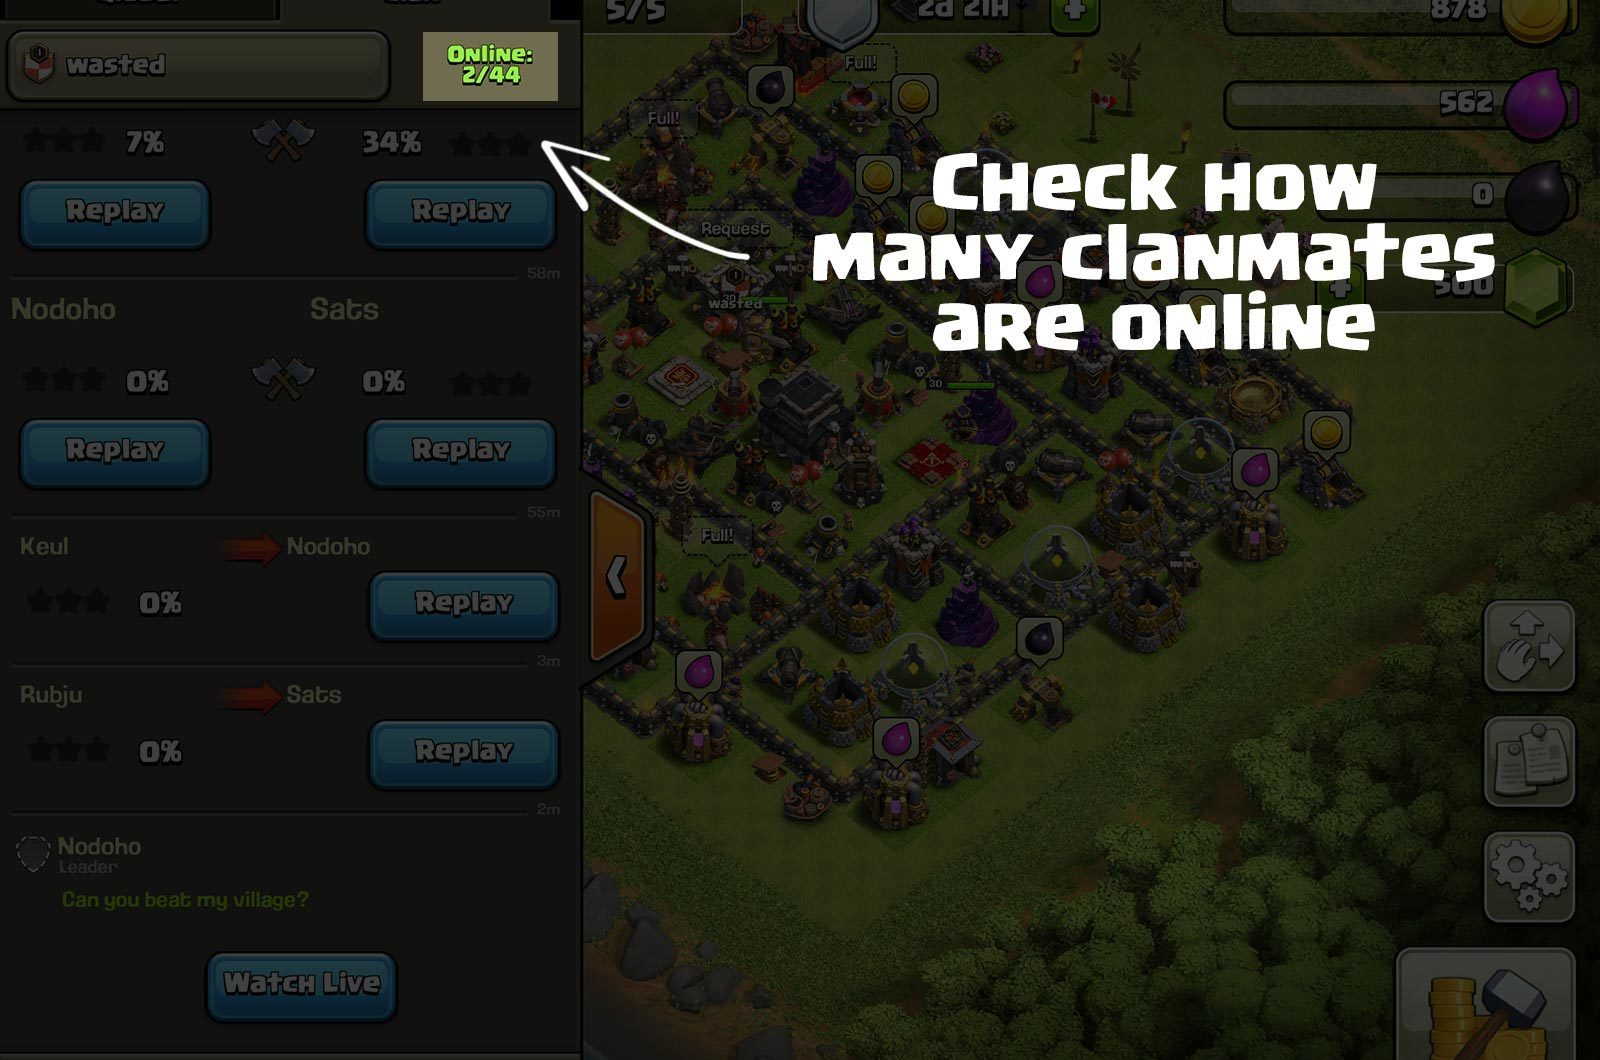 oct_update_social_clan_online1.jpg?mtime=20171008044228#asset:4759